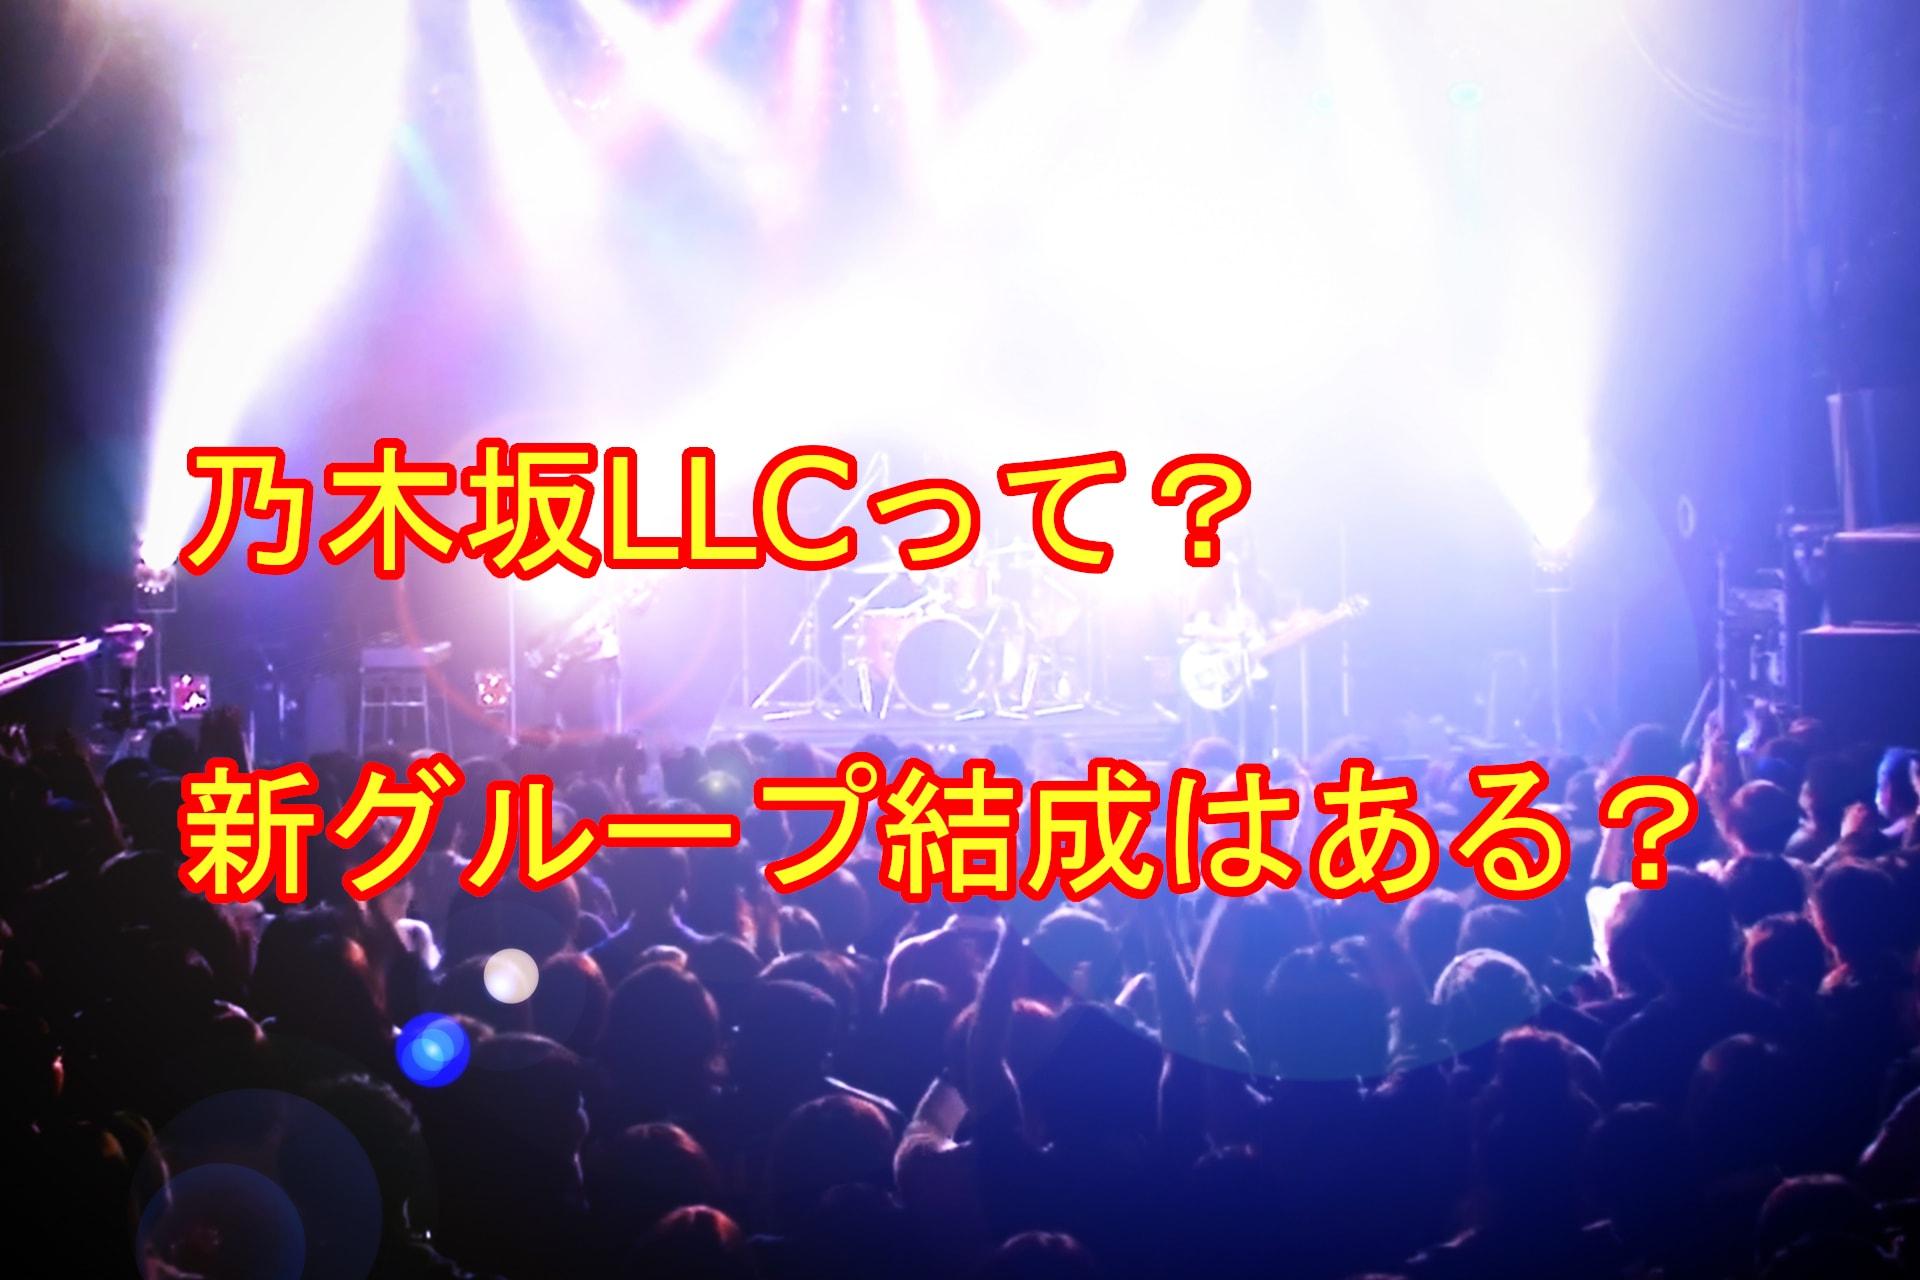 乃木坂LLCから新グループ?